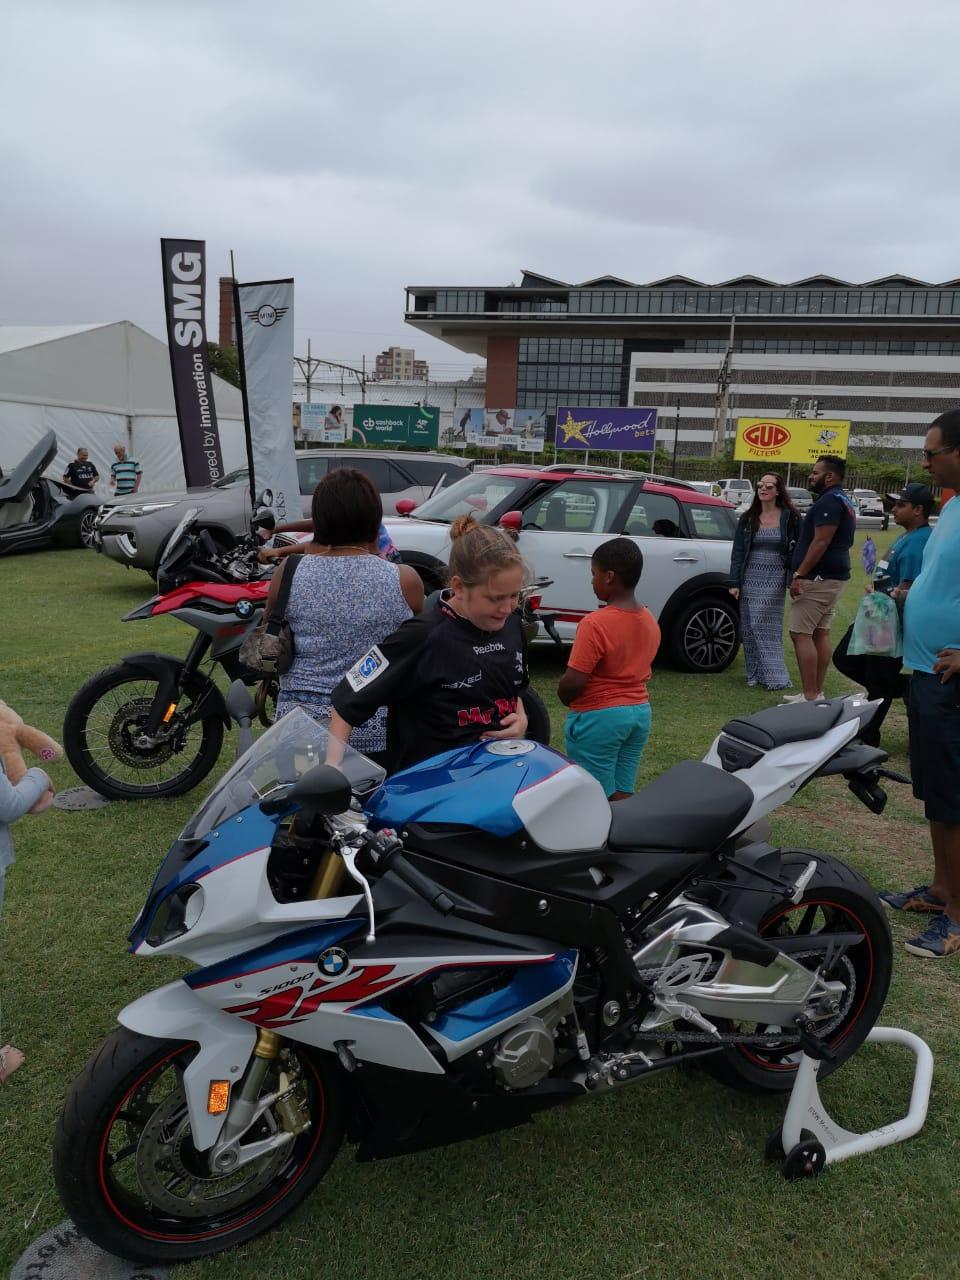 SMG KZN Motorrad at the Sharks Fun Day